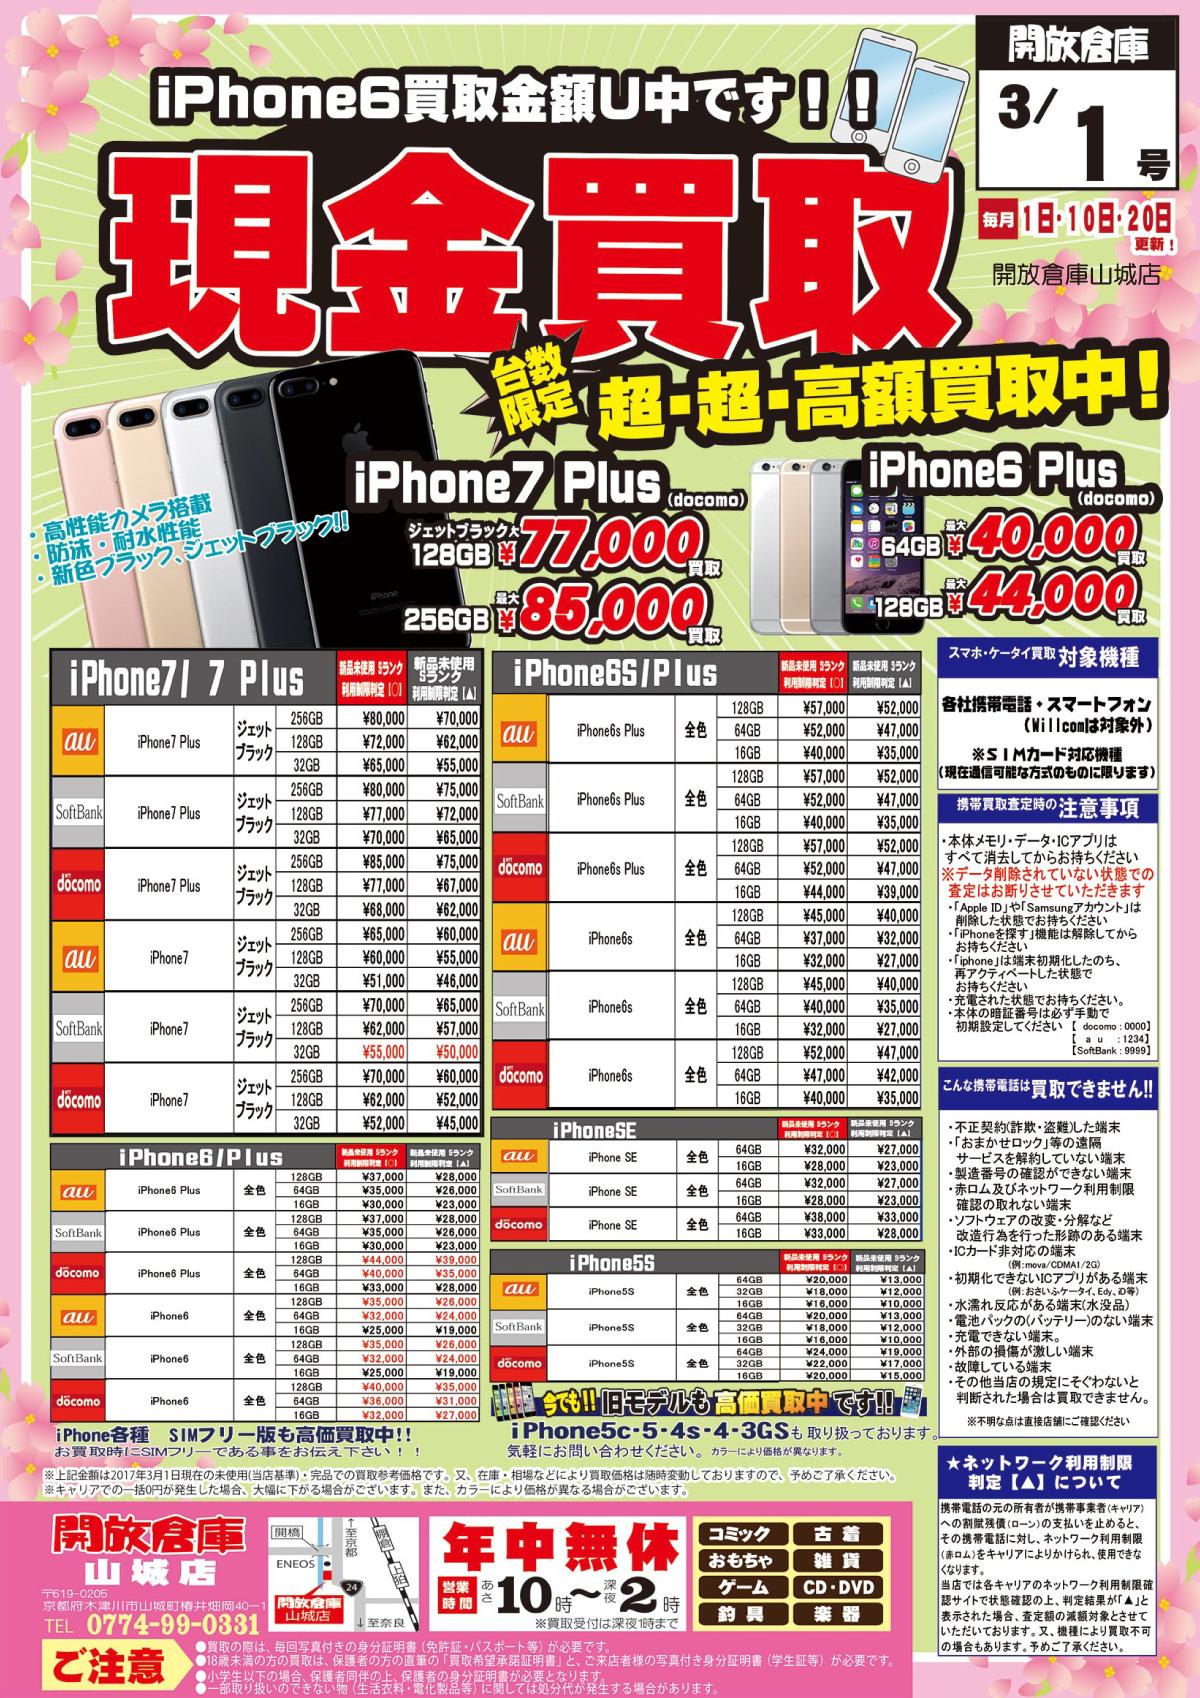 「開放倉庫山城店」2017年3/1号iPhone6買取金額UP中です!現金買取!!